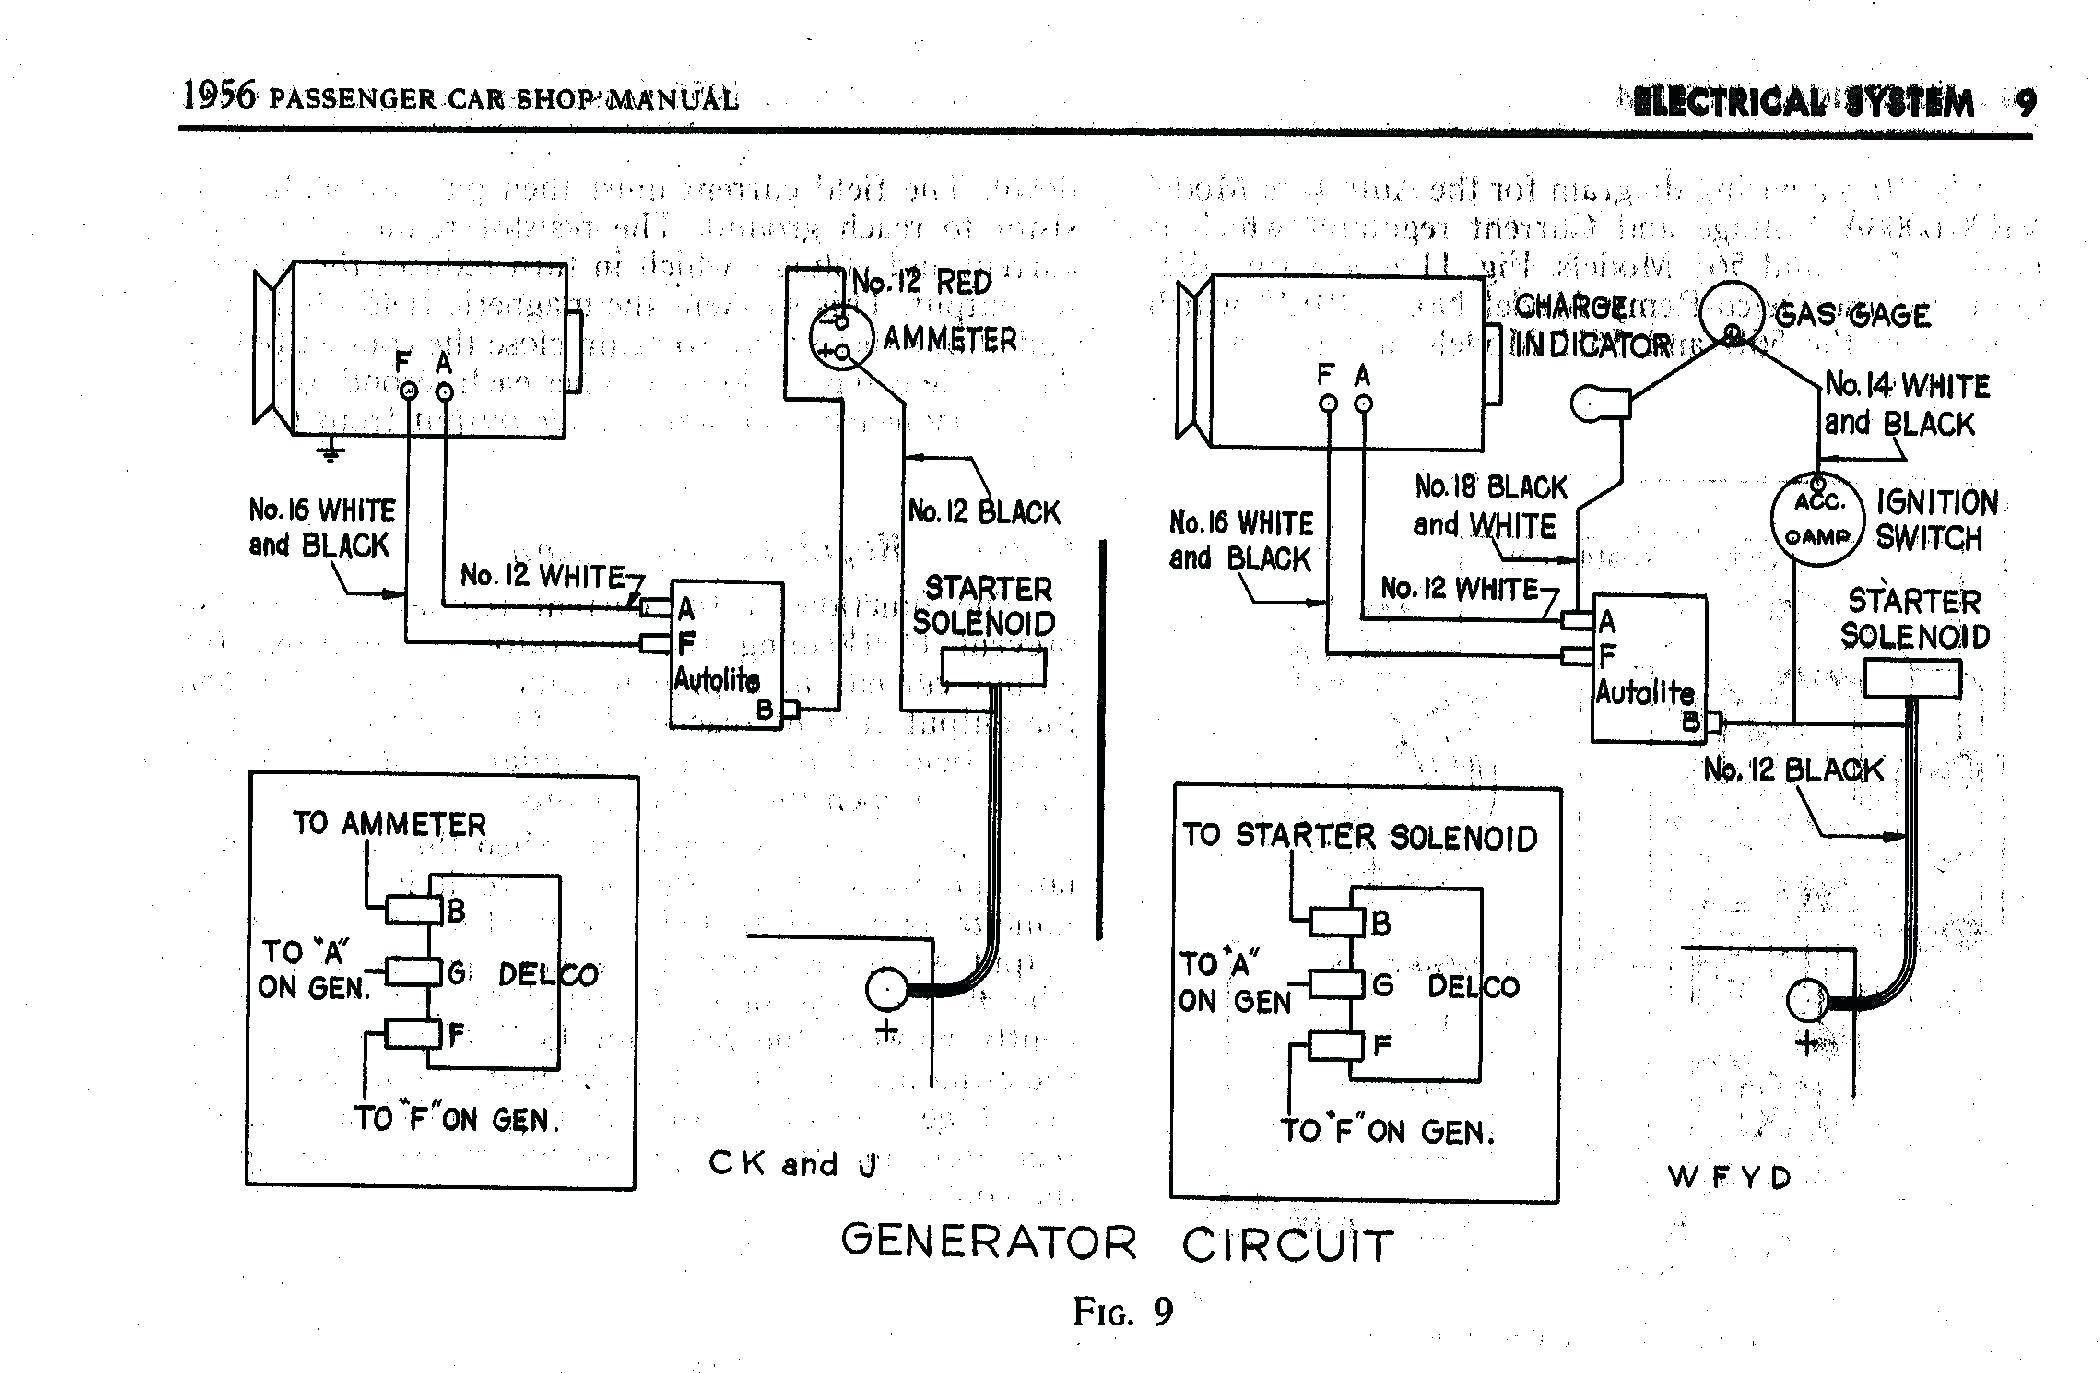 Asco 7000 Series ats Wiring Diagram | Free Wiring Diagram